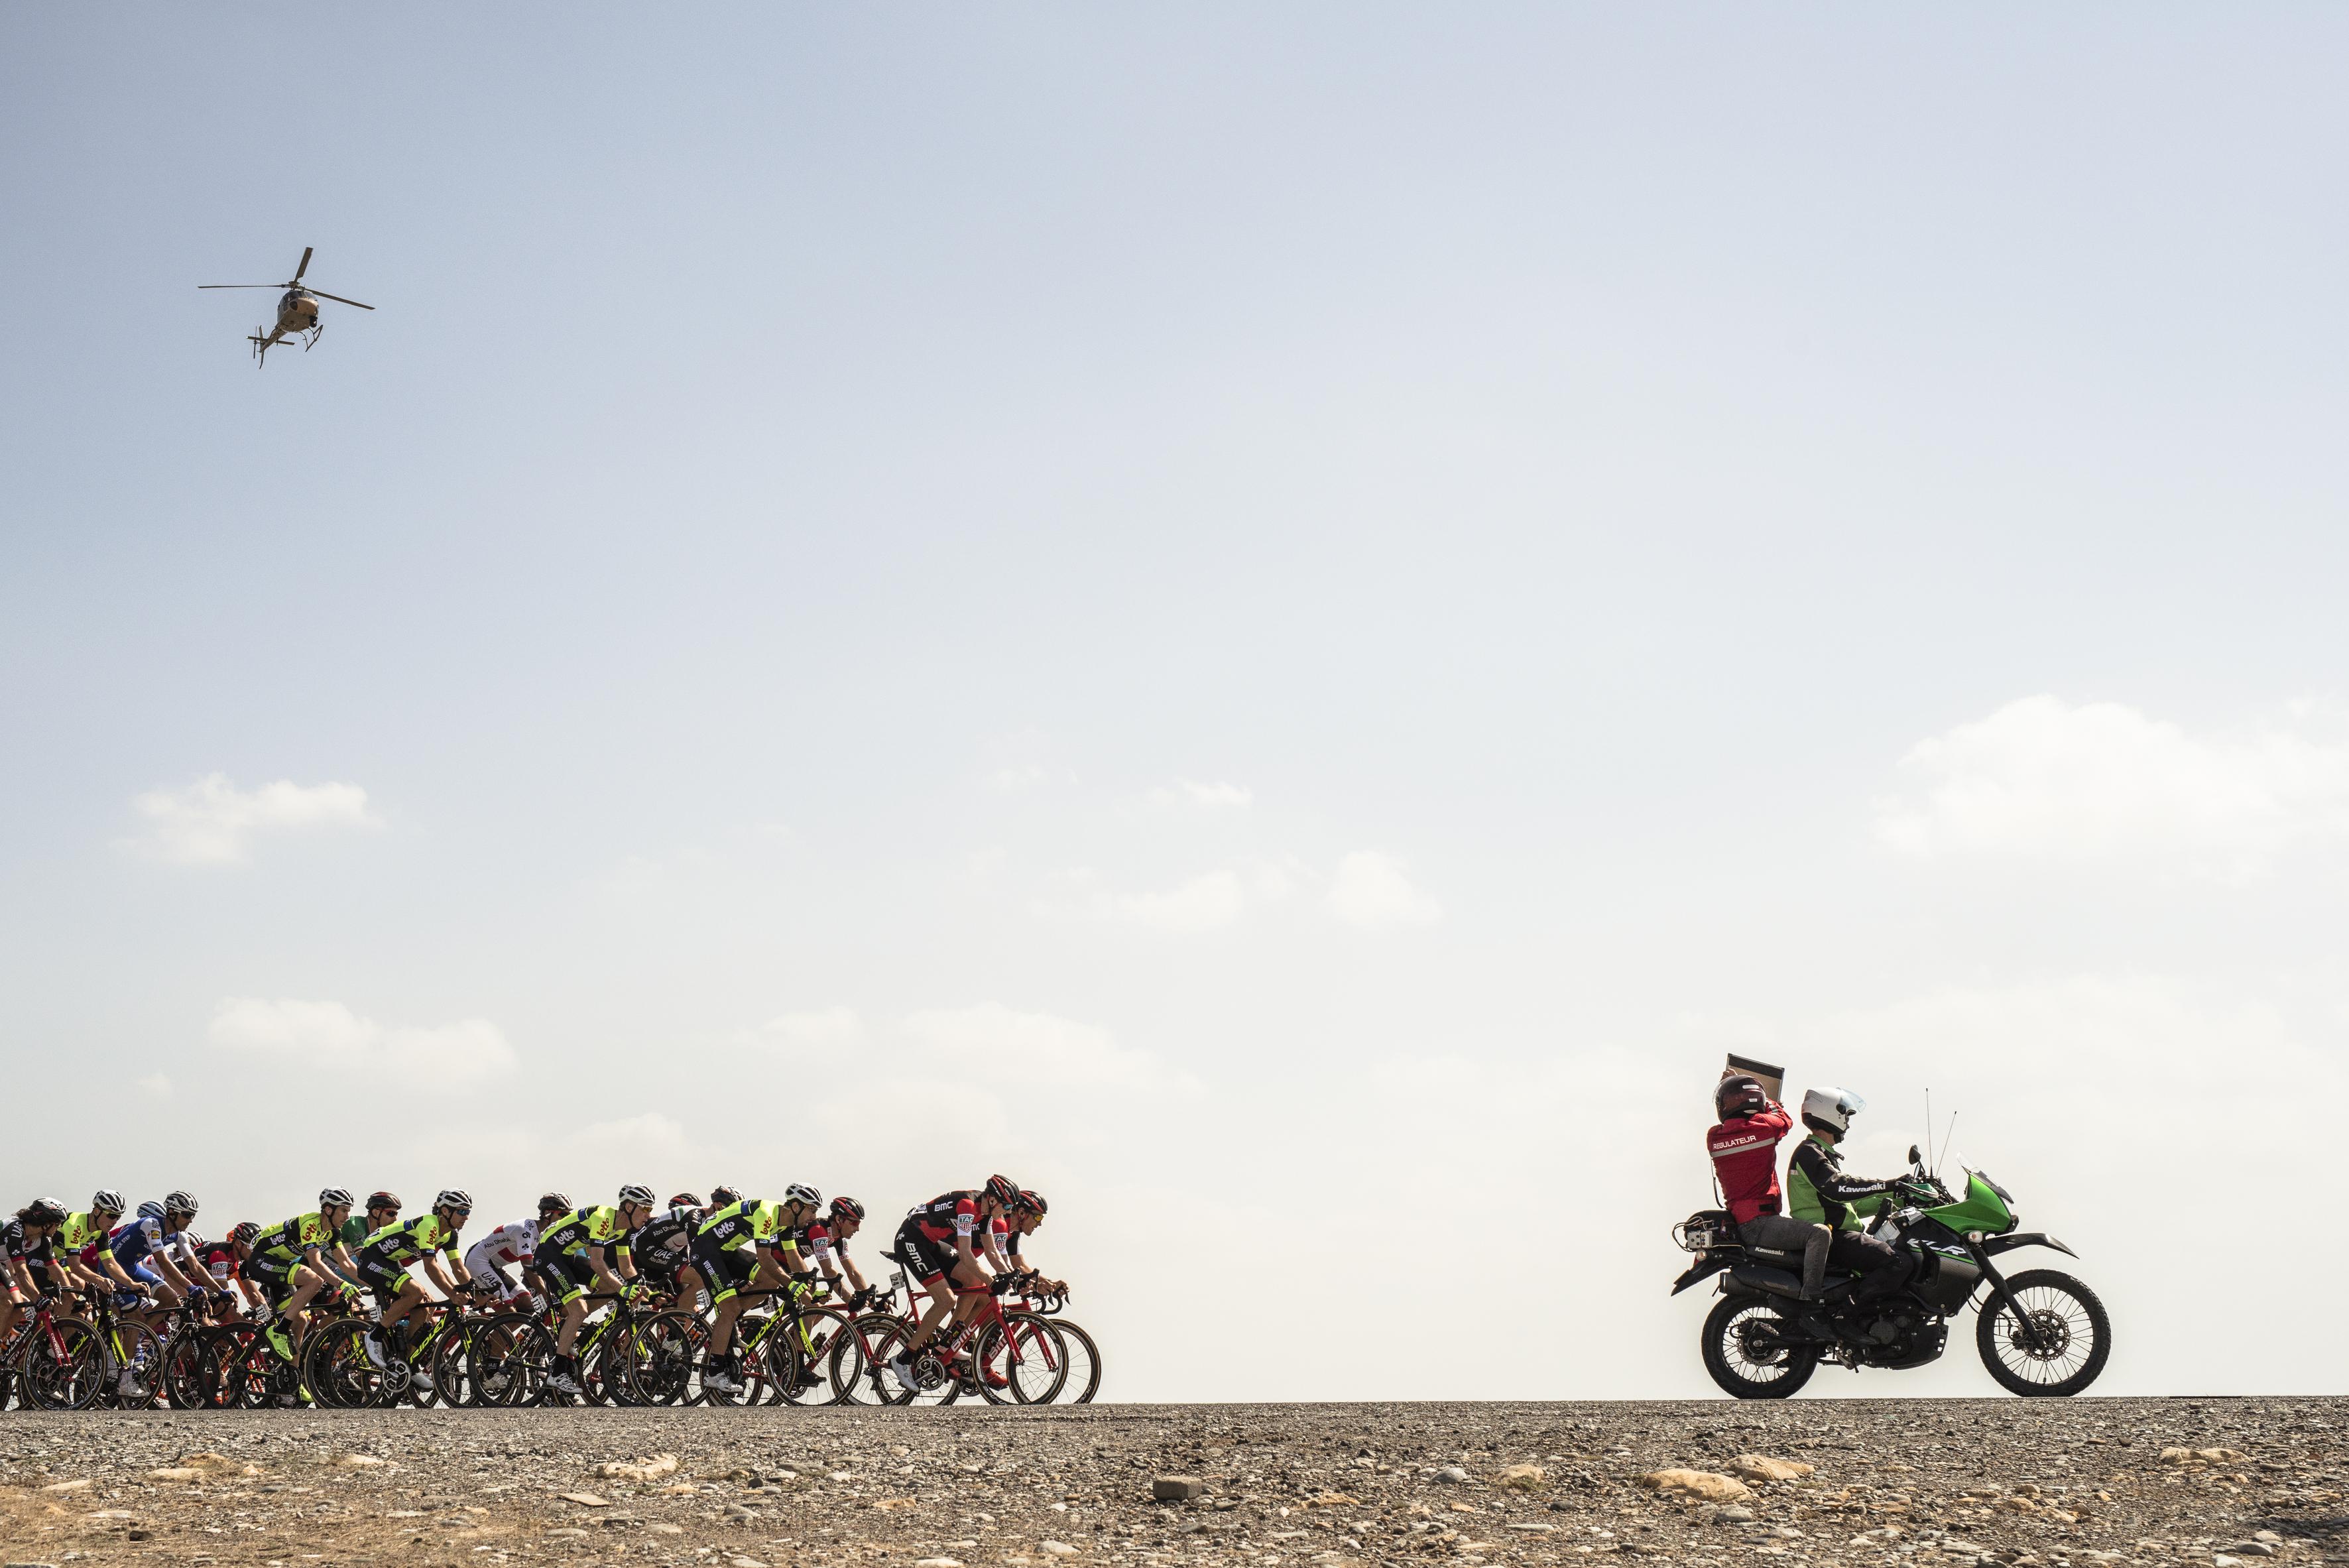 The peloton negotiate the Tour of Oman 2017 route. Image: ASO/K. D. Thorstad